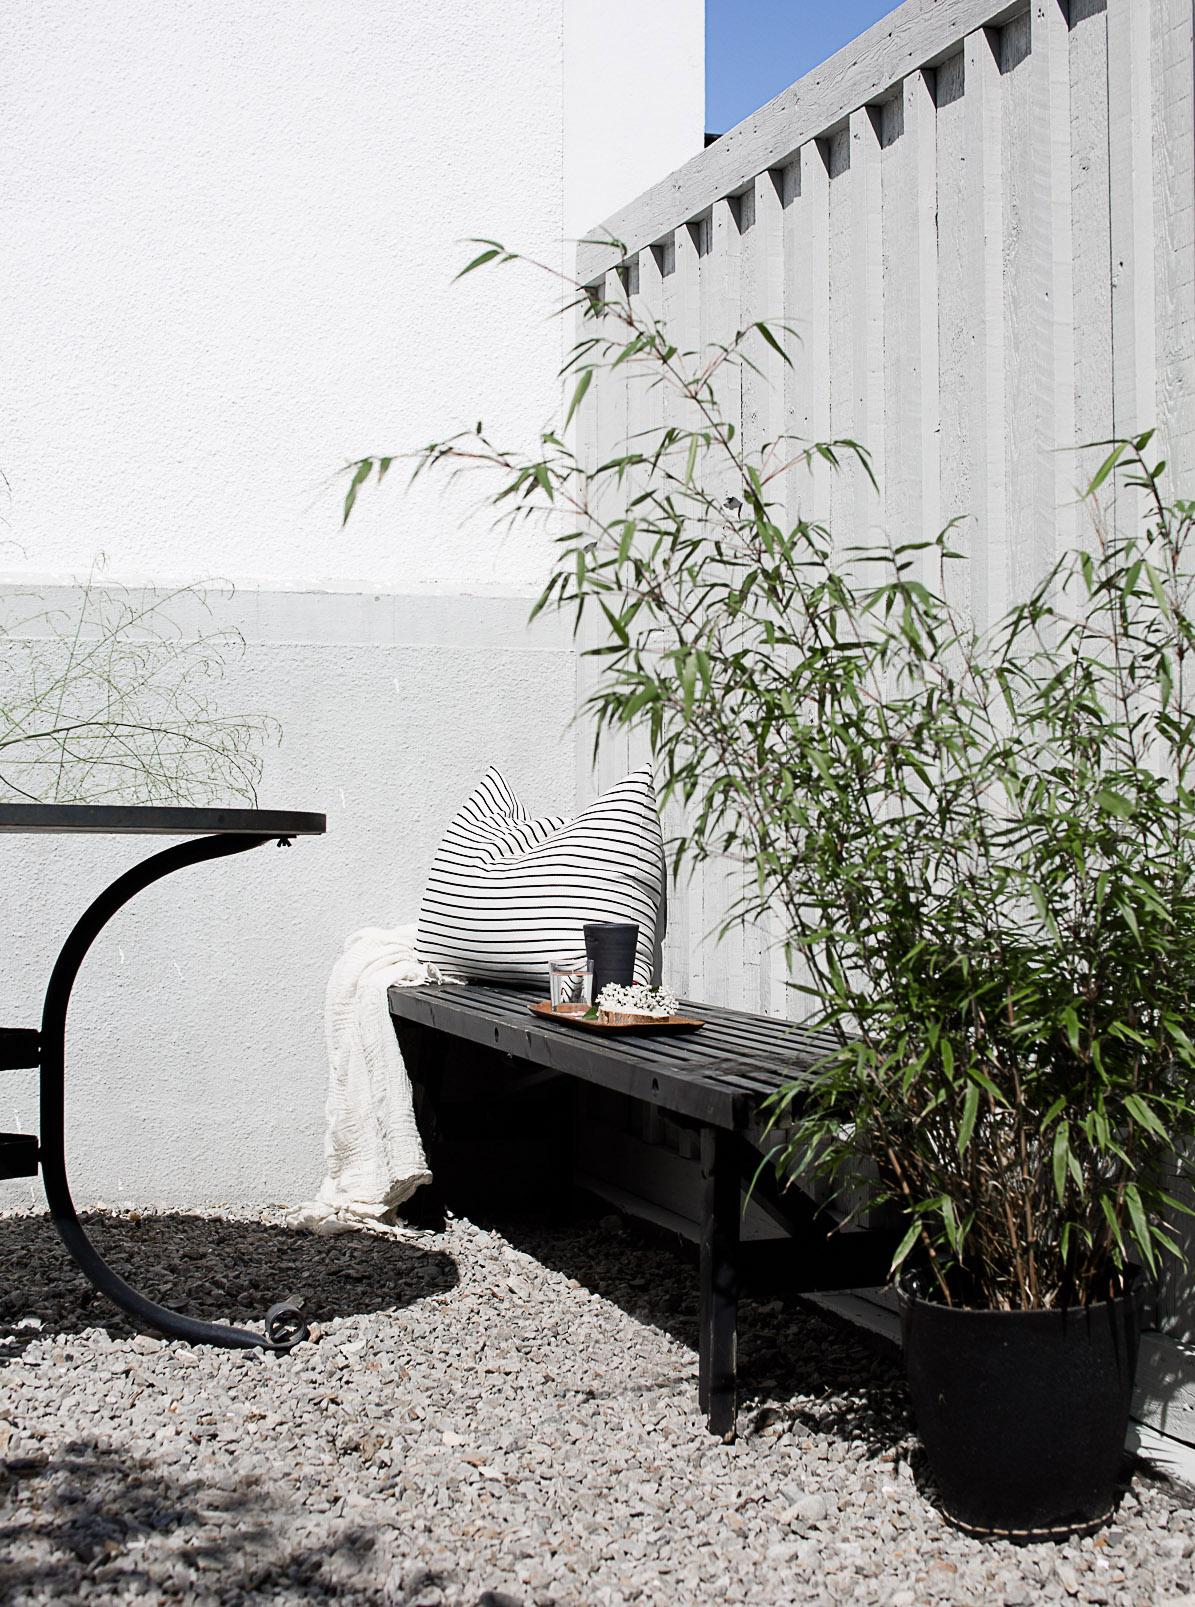 dw morgonsol 2 av 1 Black and White Deck Design